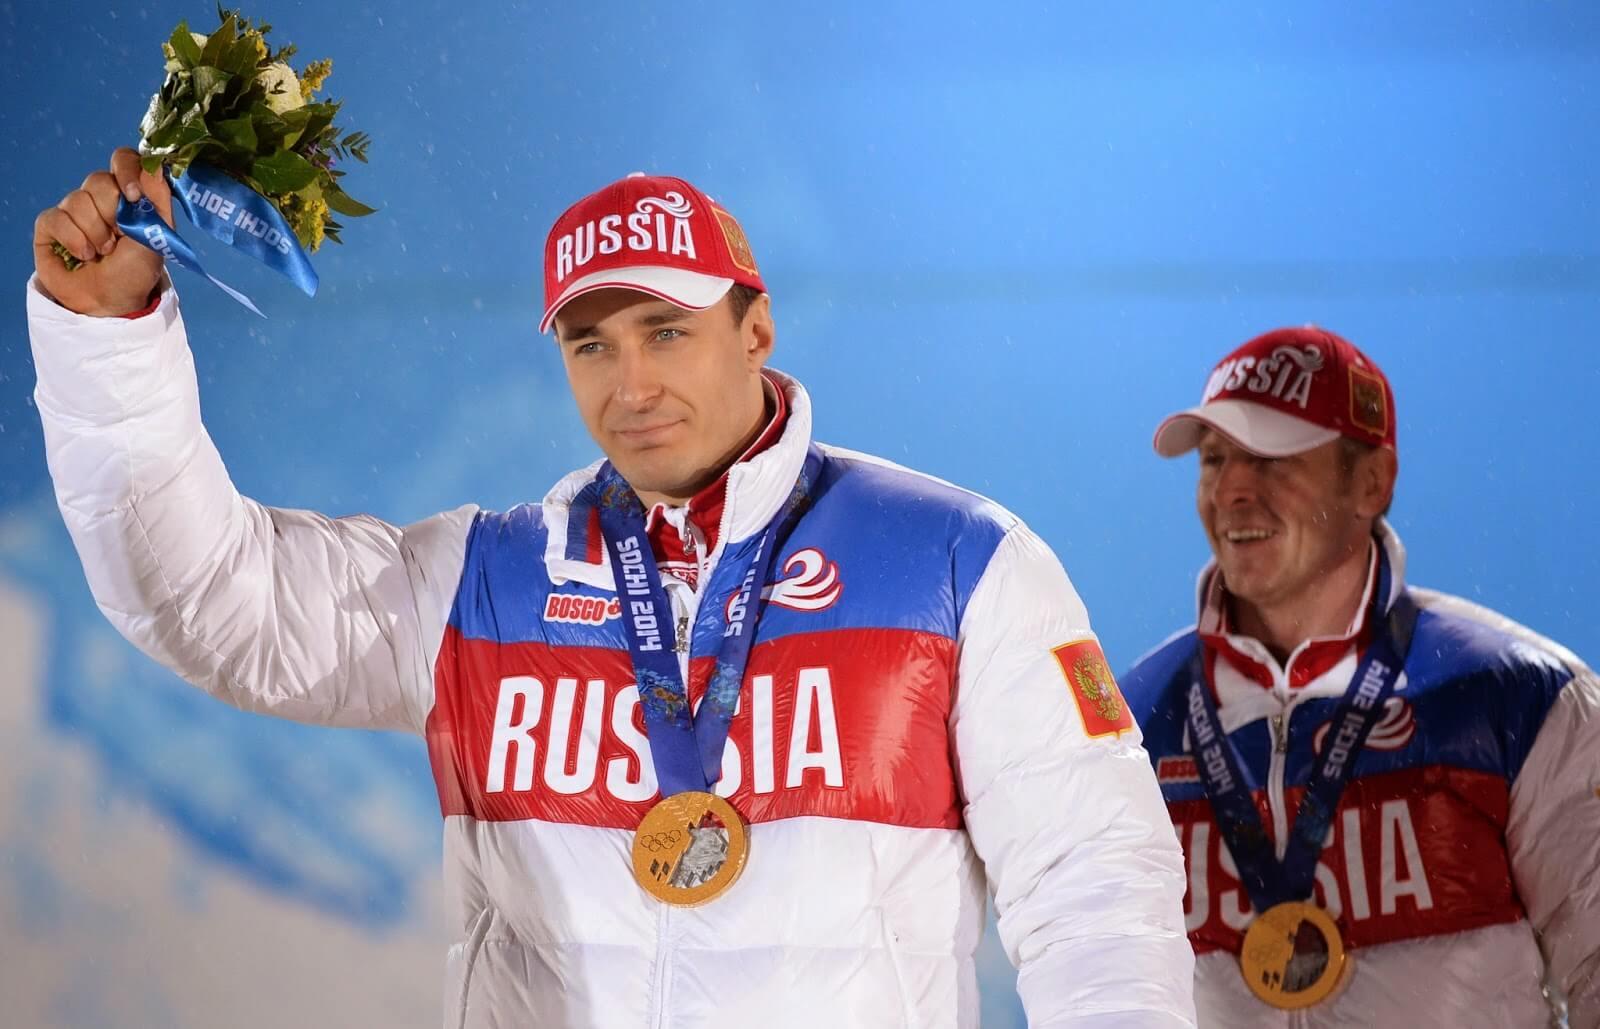 Алексей воевода бобслей фото